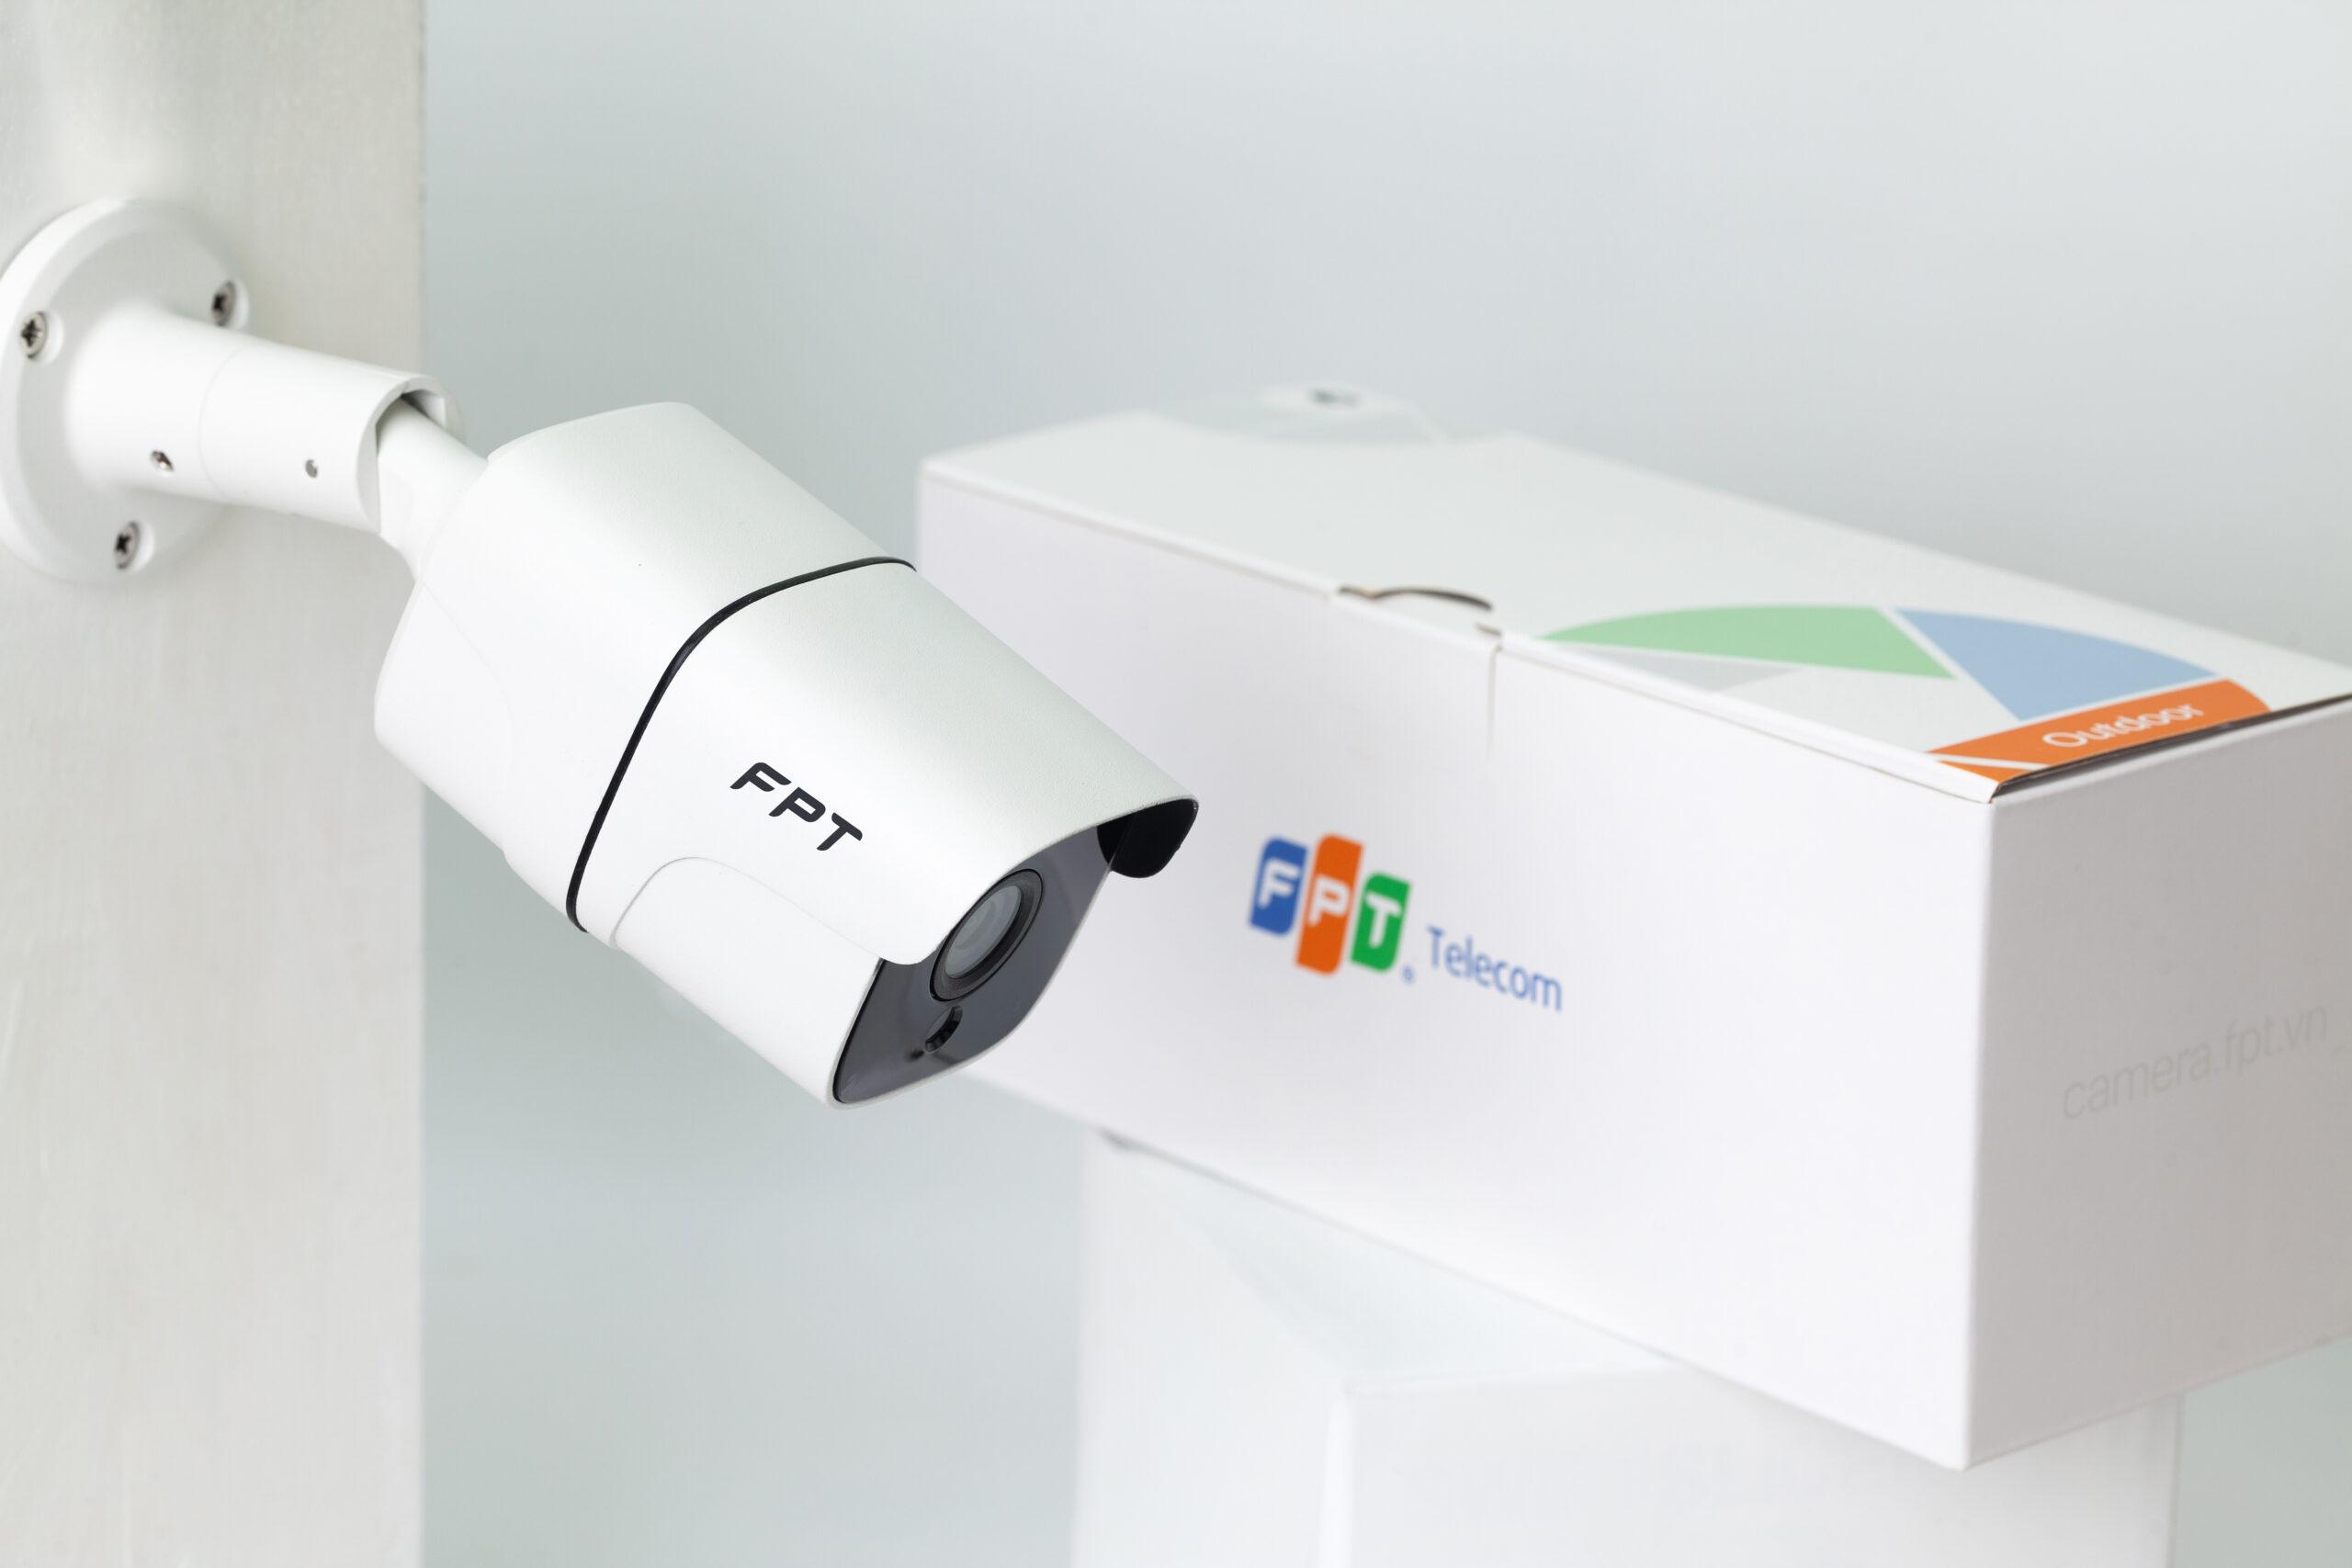 Camera FPT gồm 2 sản phẩm : Camera ngoài trời & Camera trong nhà với giá ưu đãi tại Giồng Trôm chỉ từ 1.300.000 vnđ/camera